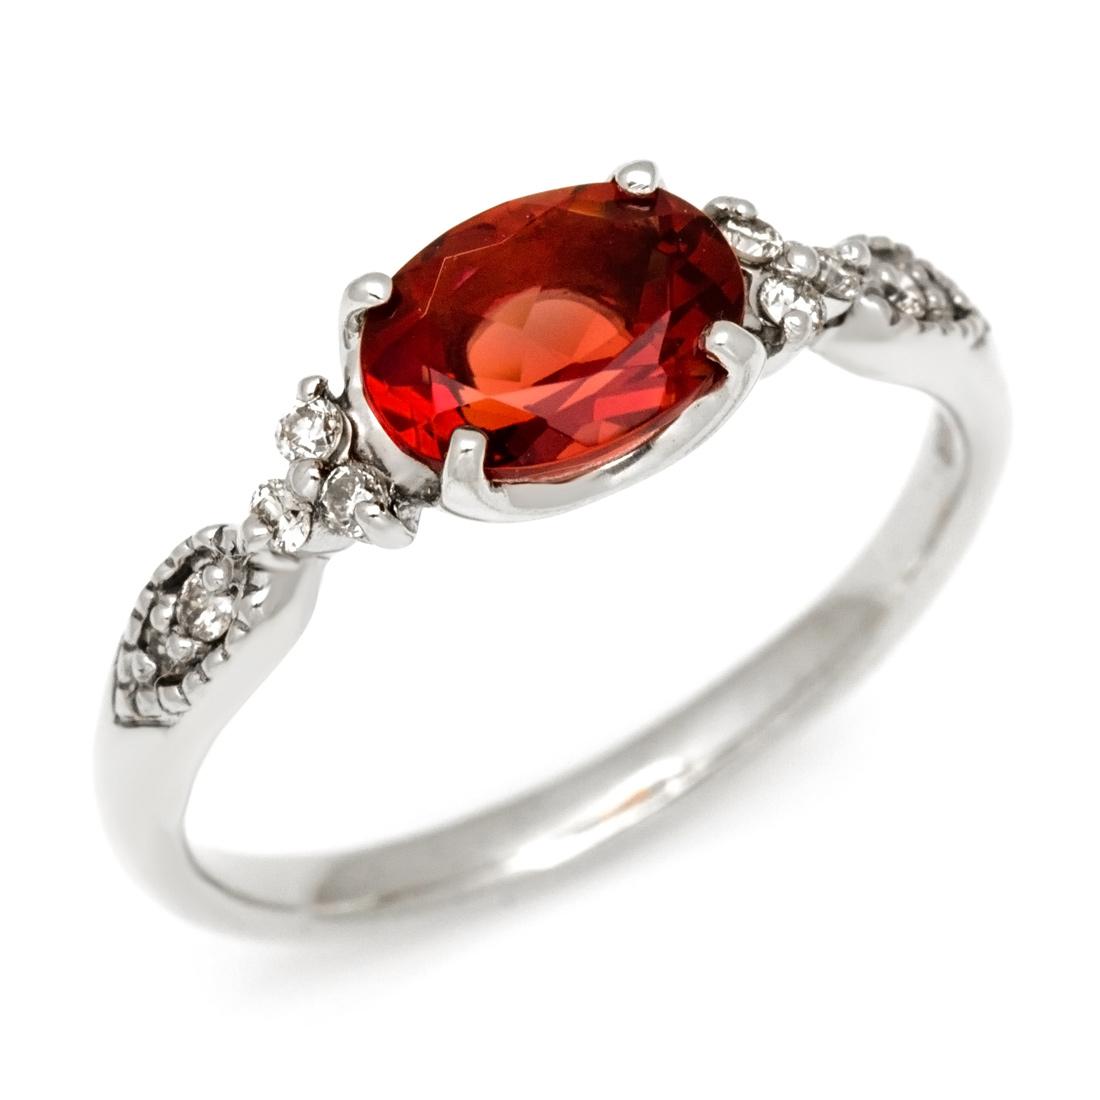 リング アンデシン ダイヤモンド 「amanza」 ゴールド K18